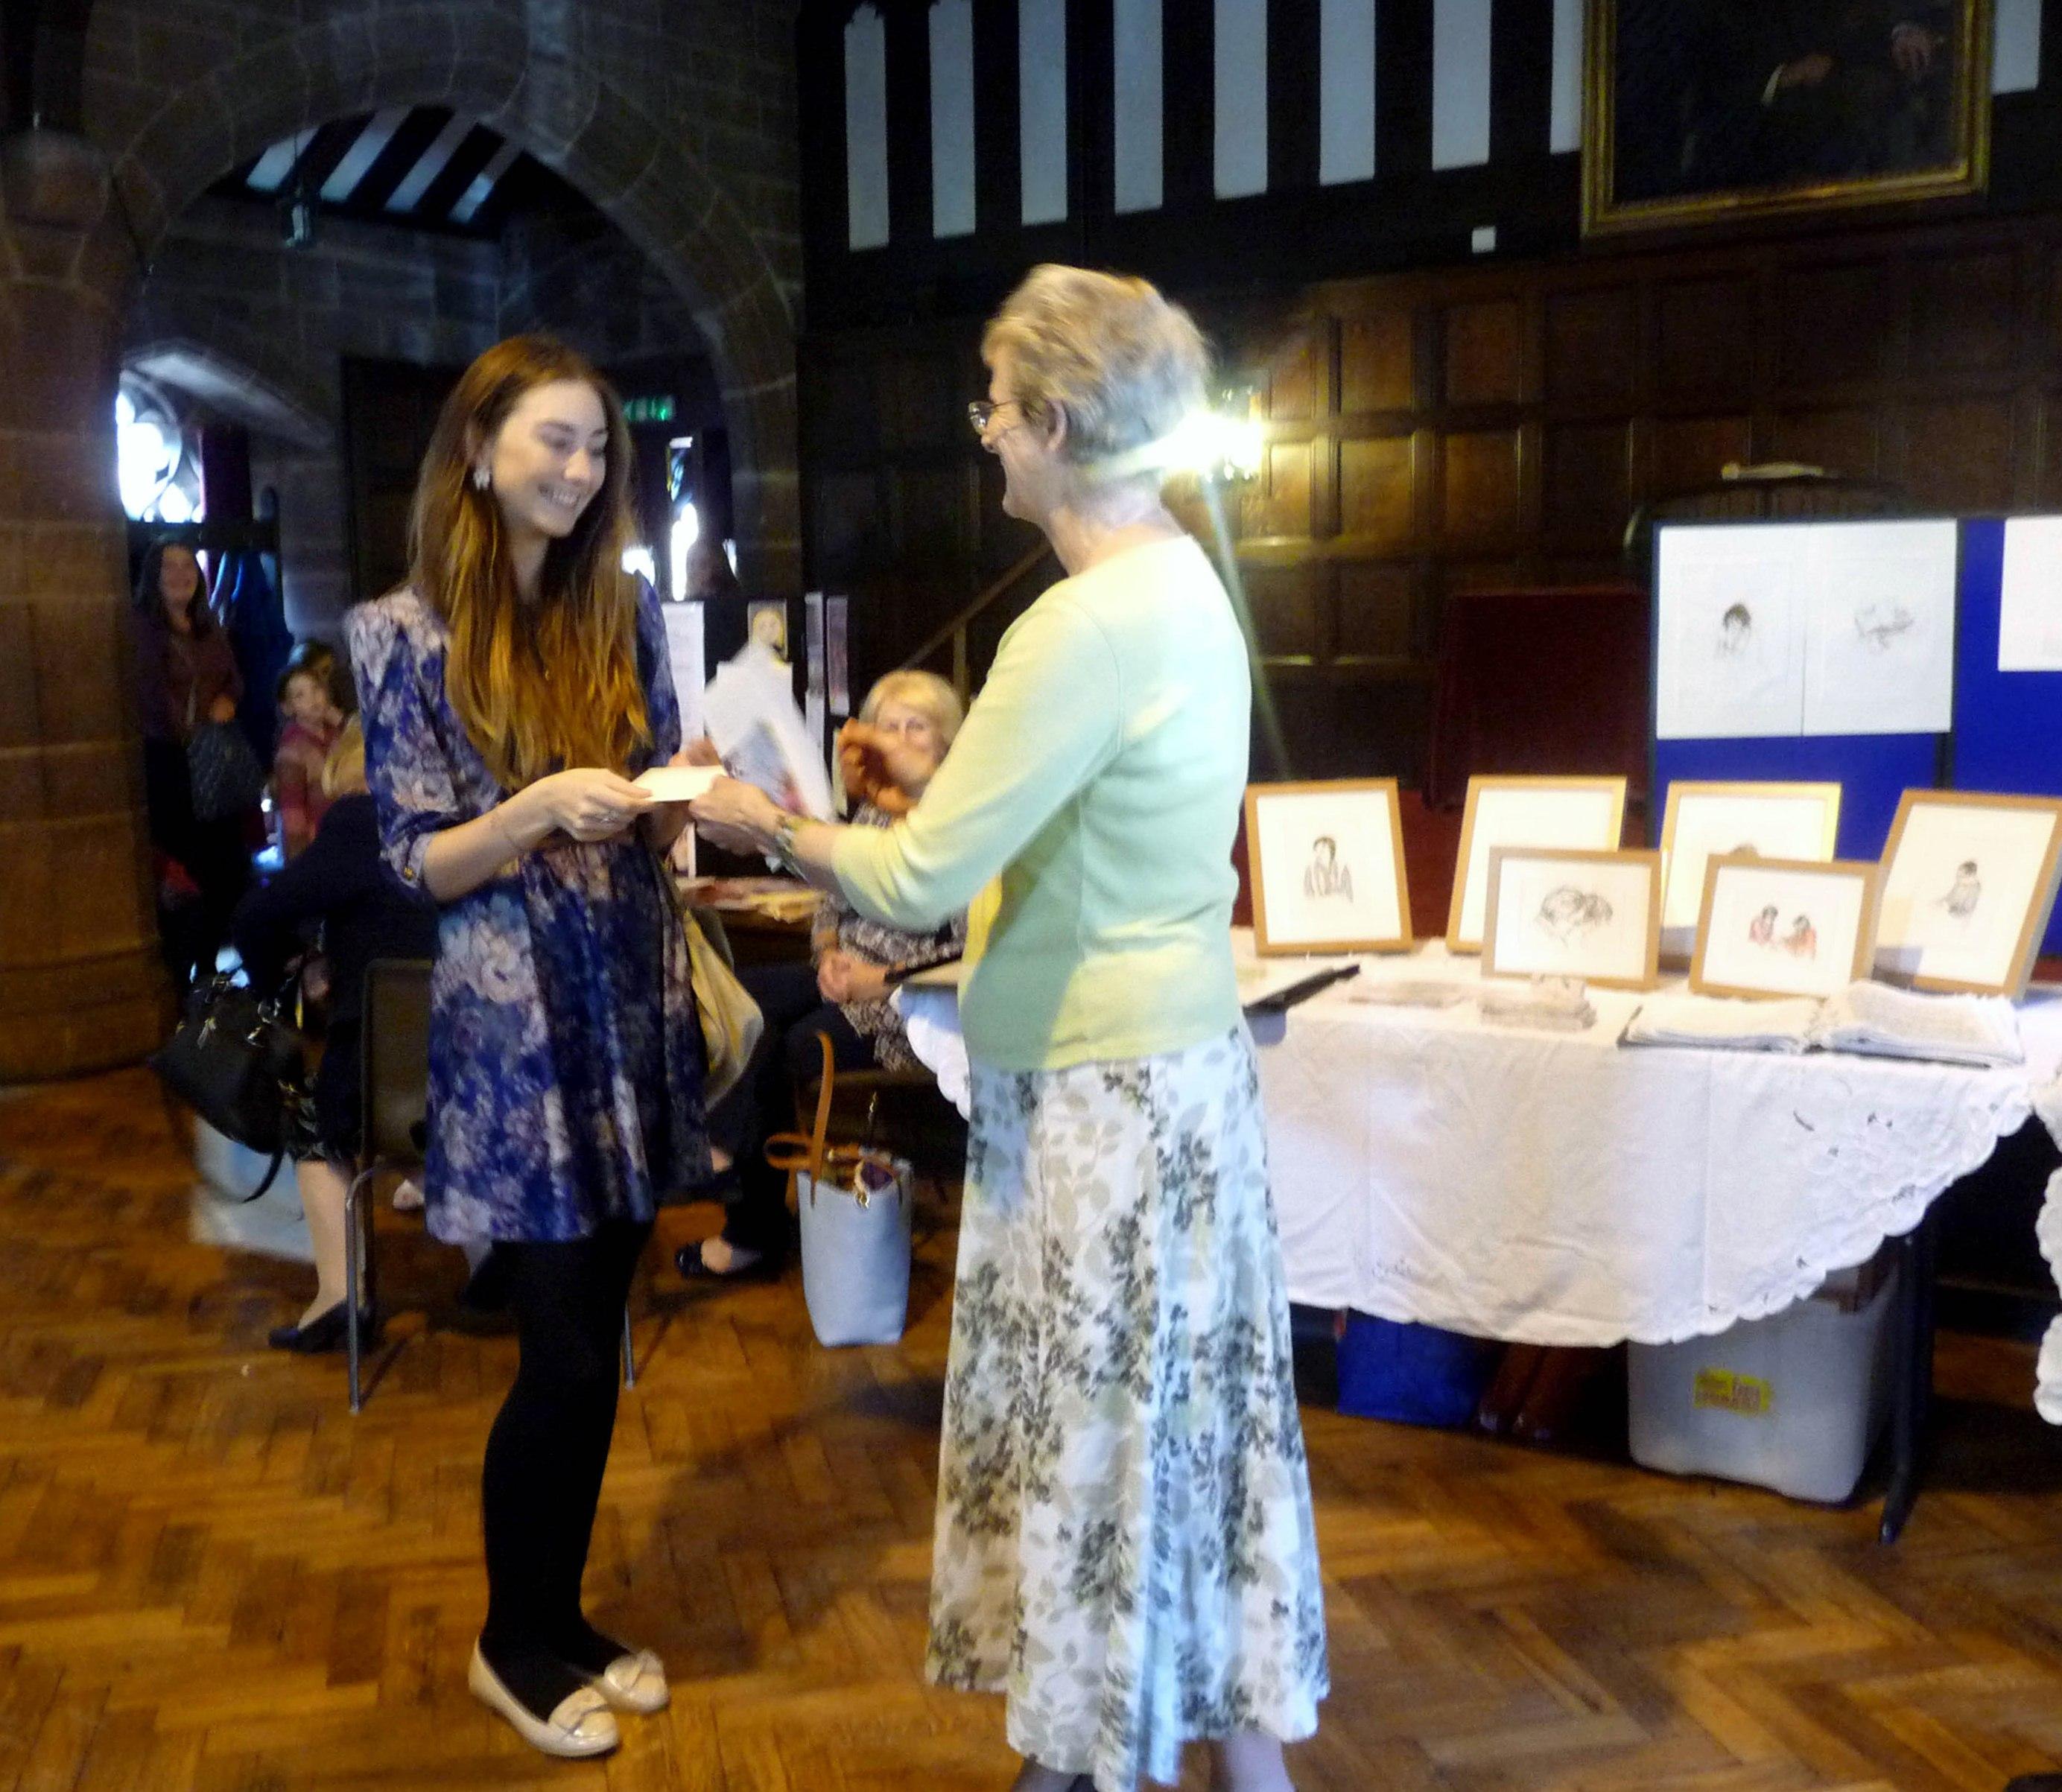 2014 Bursary winner Judith Kemp receiving her cheque from MEG Chair Kim Parkman